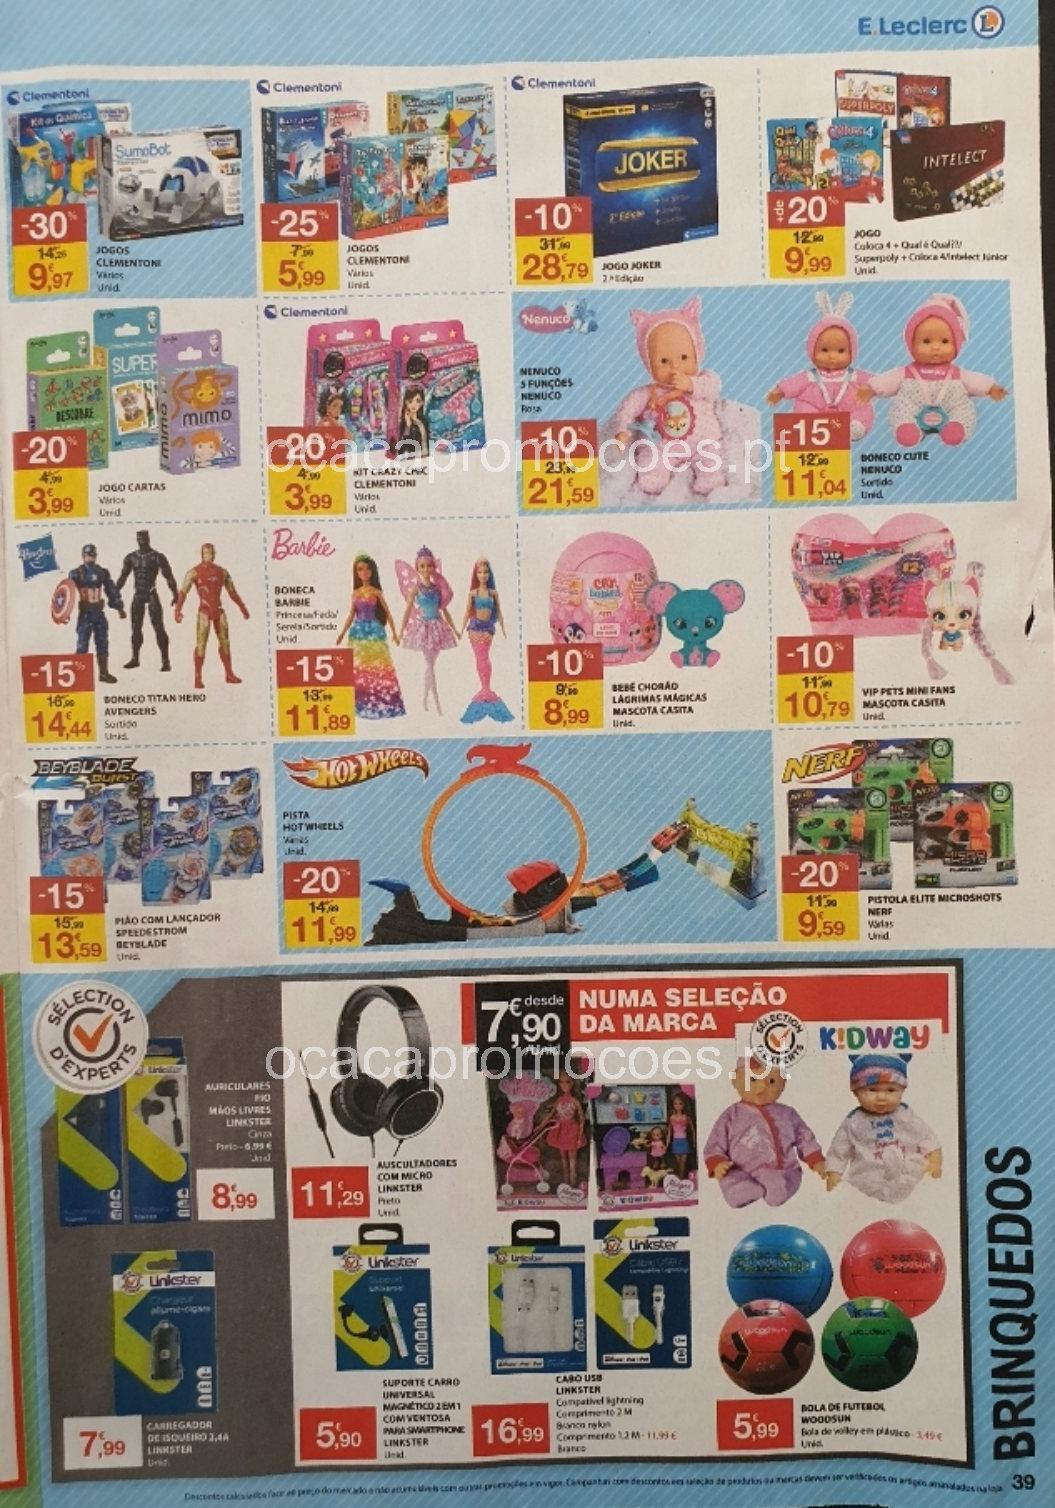 folheto e leclerc 5 agosto 11 agosto promocoes descontos Page39